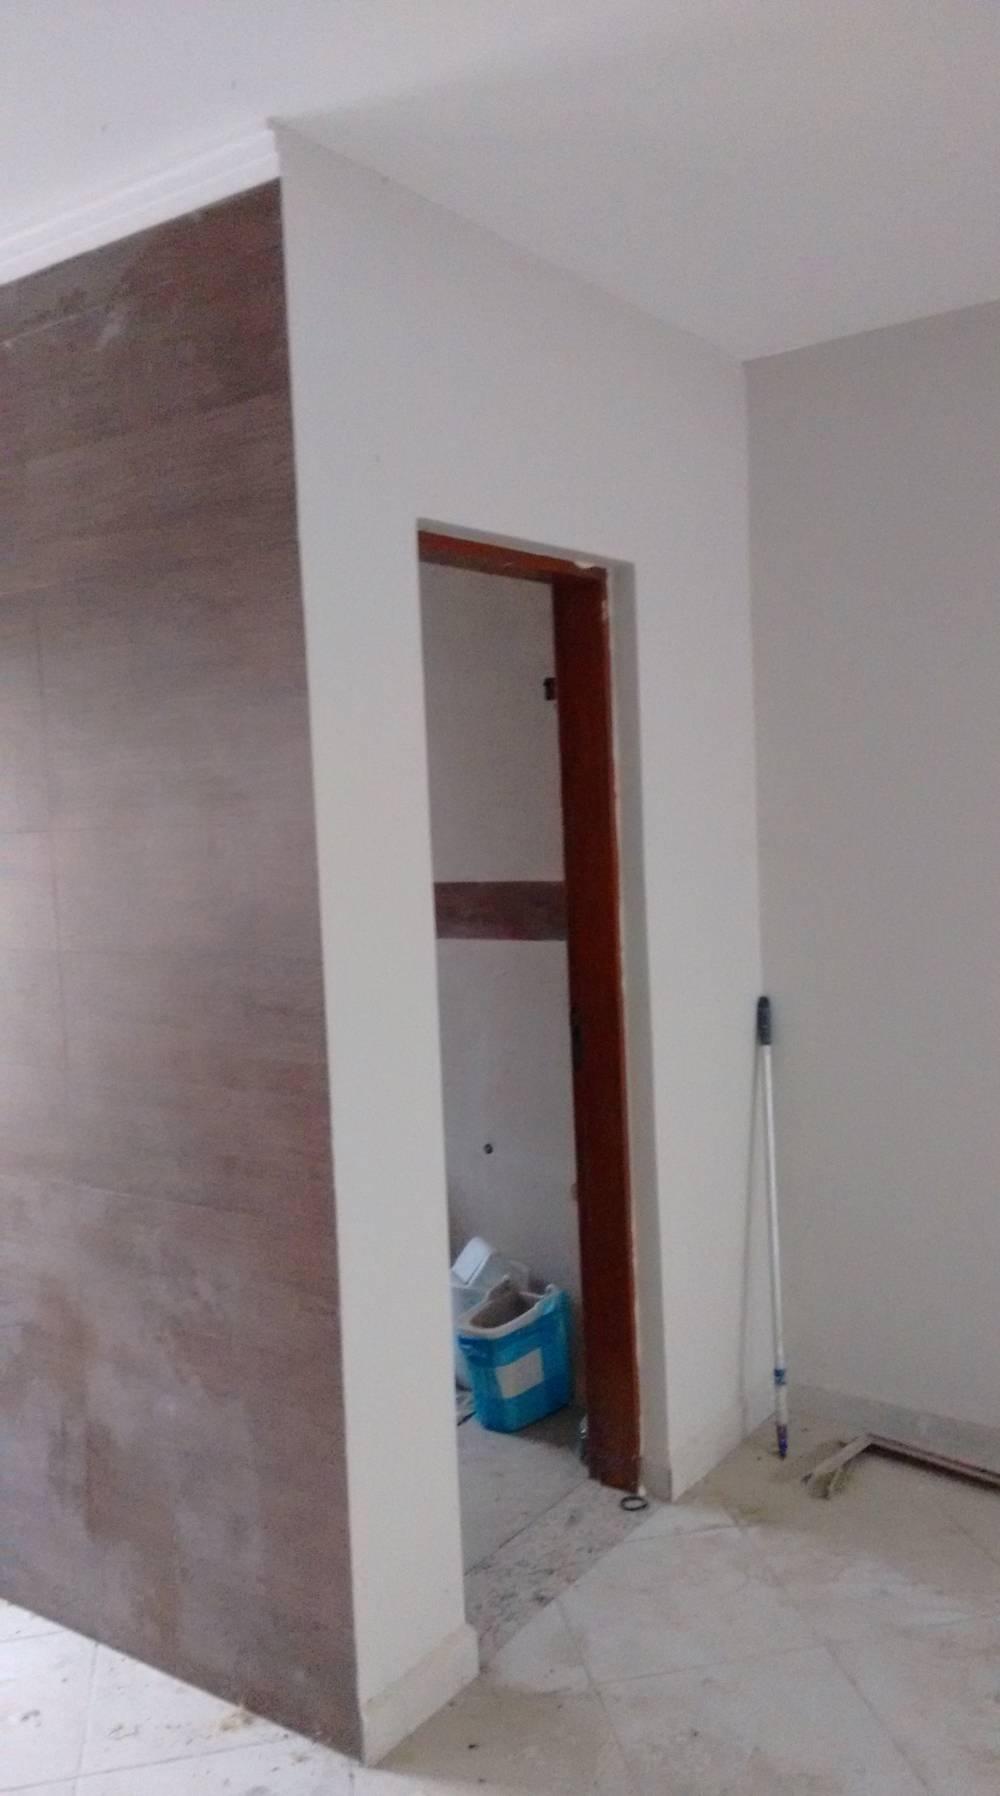 Preciso Fazer Reparo em Residências na Vila Cristina - Reparo em Residência